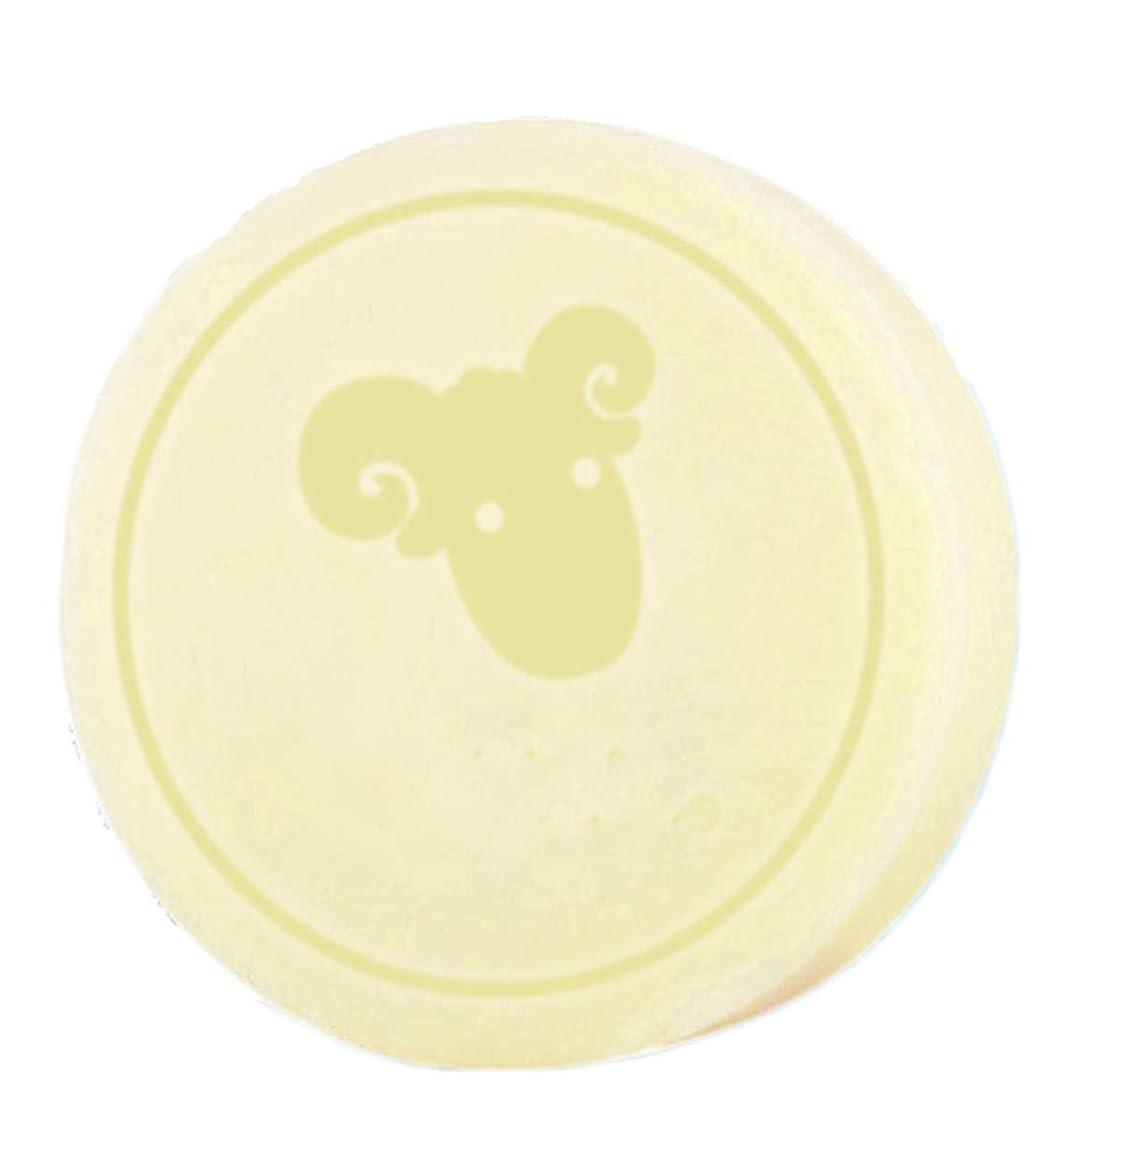 教えて各数明るくなるアクネの処置の石鹸を白くする海の塩の自然な石鹸の皮のバスボディ (イエロー)